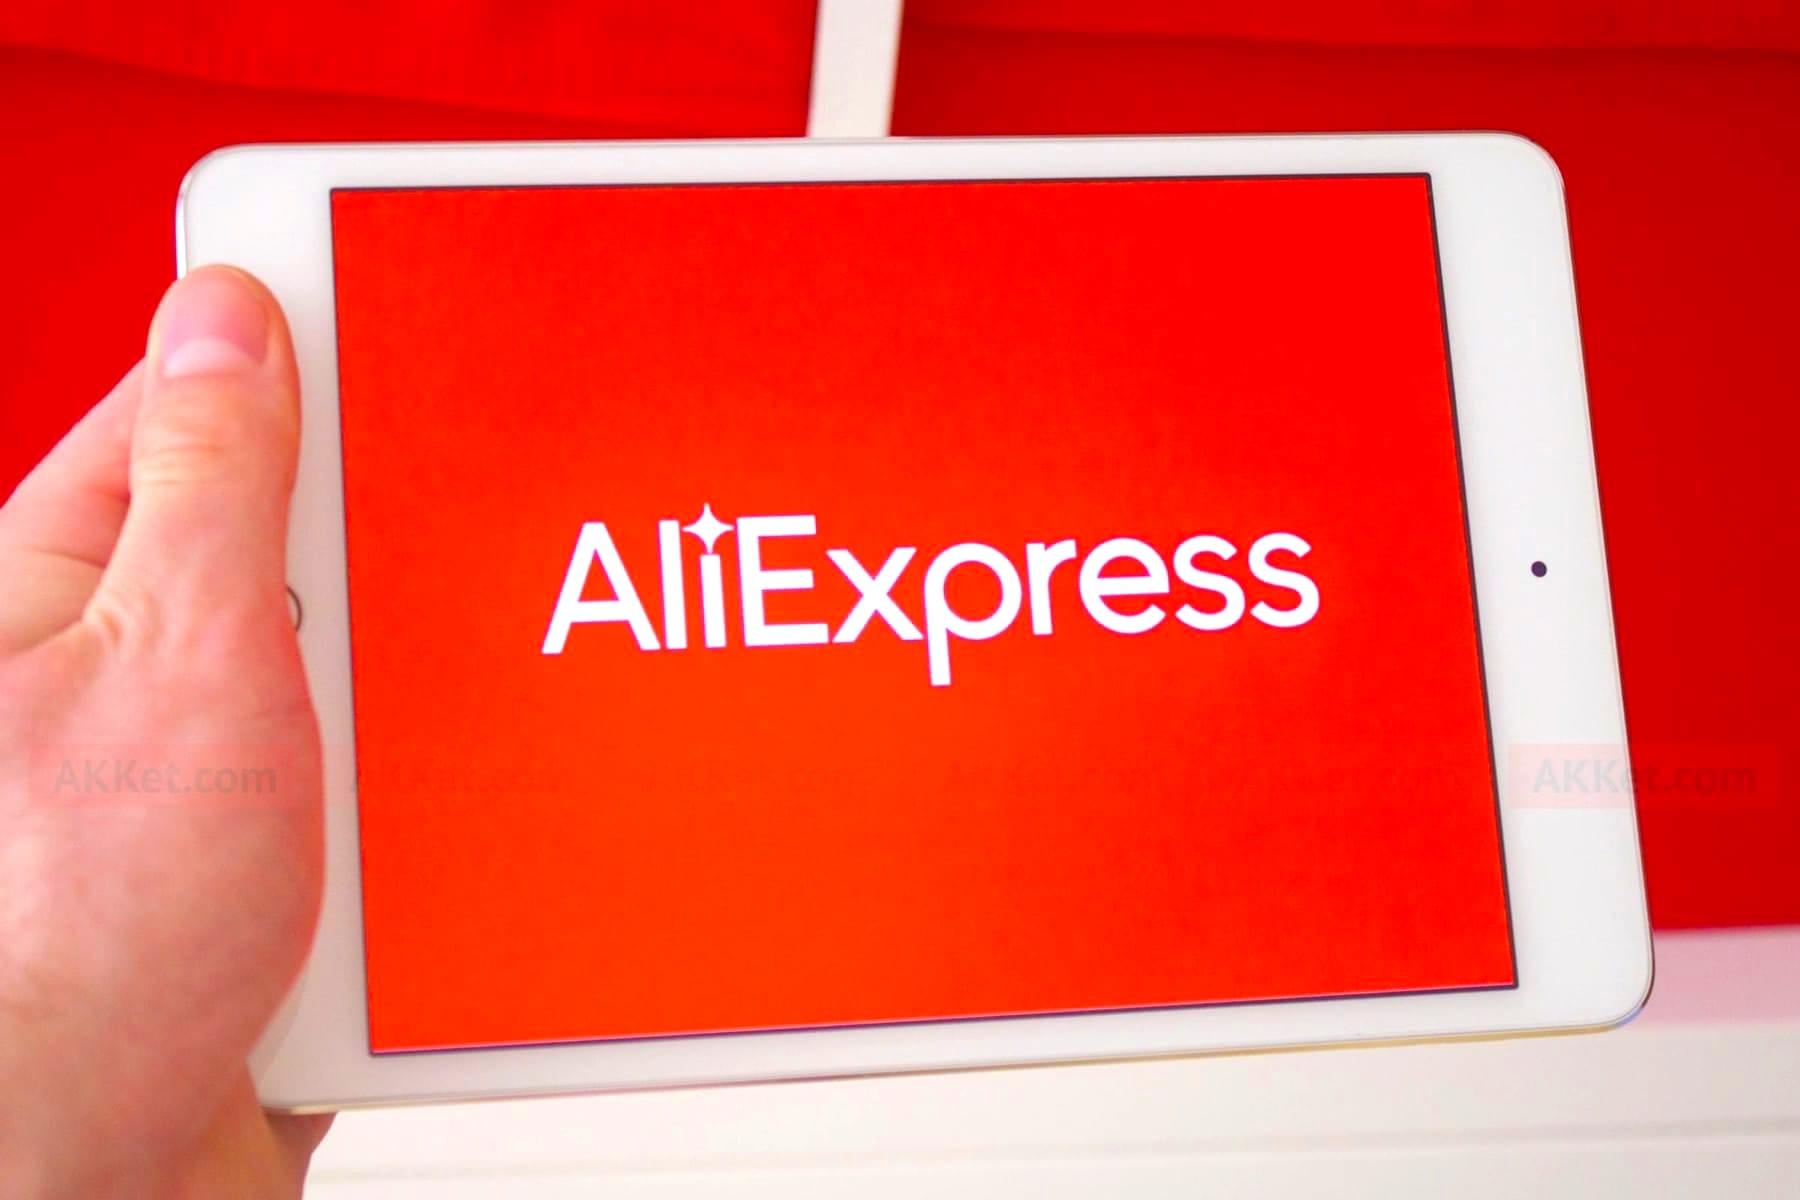 Покупатели массово отказываются от покупки товаров на AliExpress, и вот почему